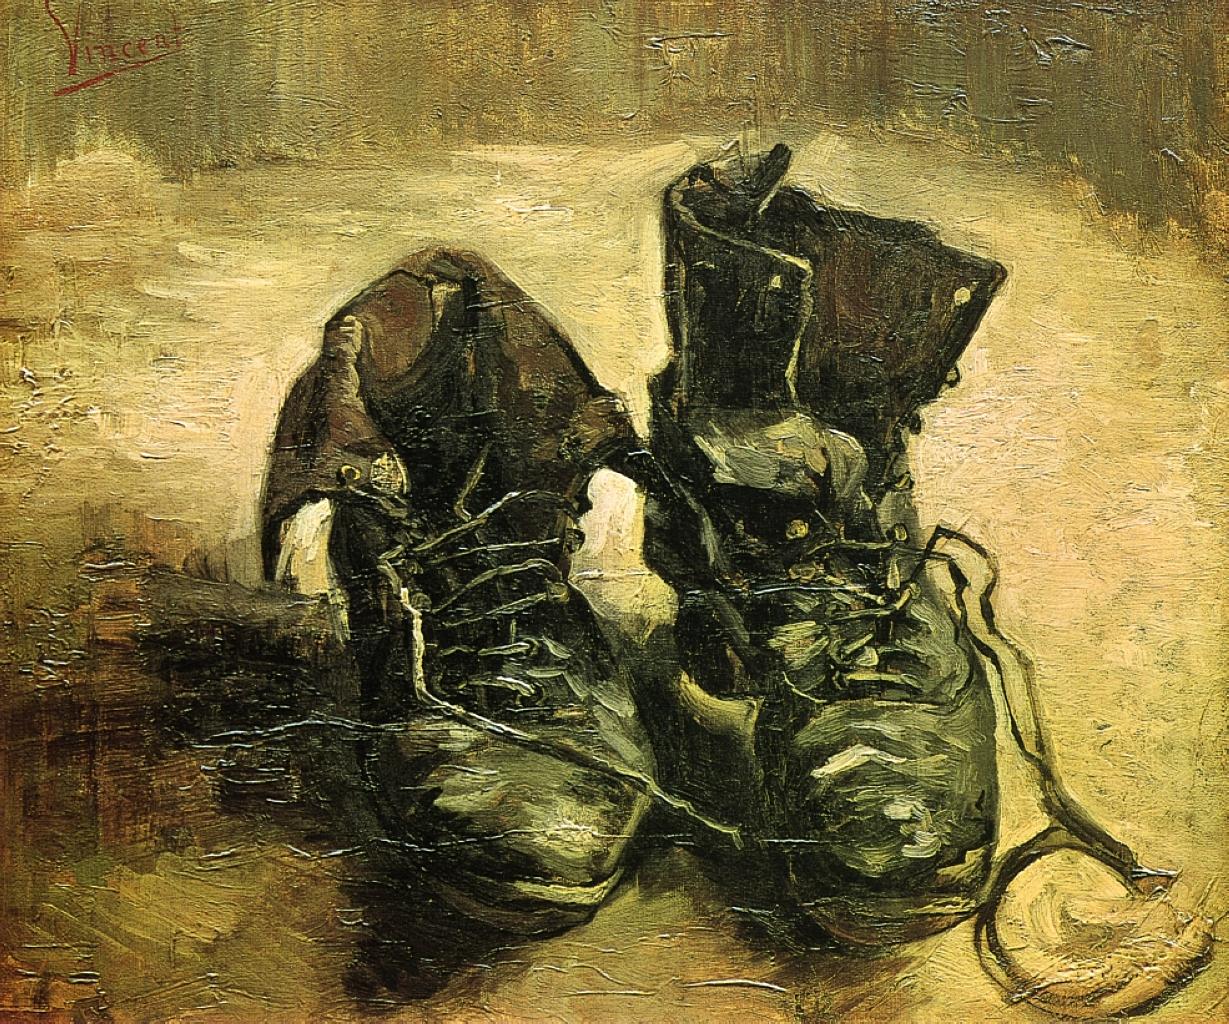 حذاء فان غوخ وأصل العمل الفني